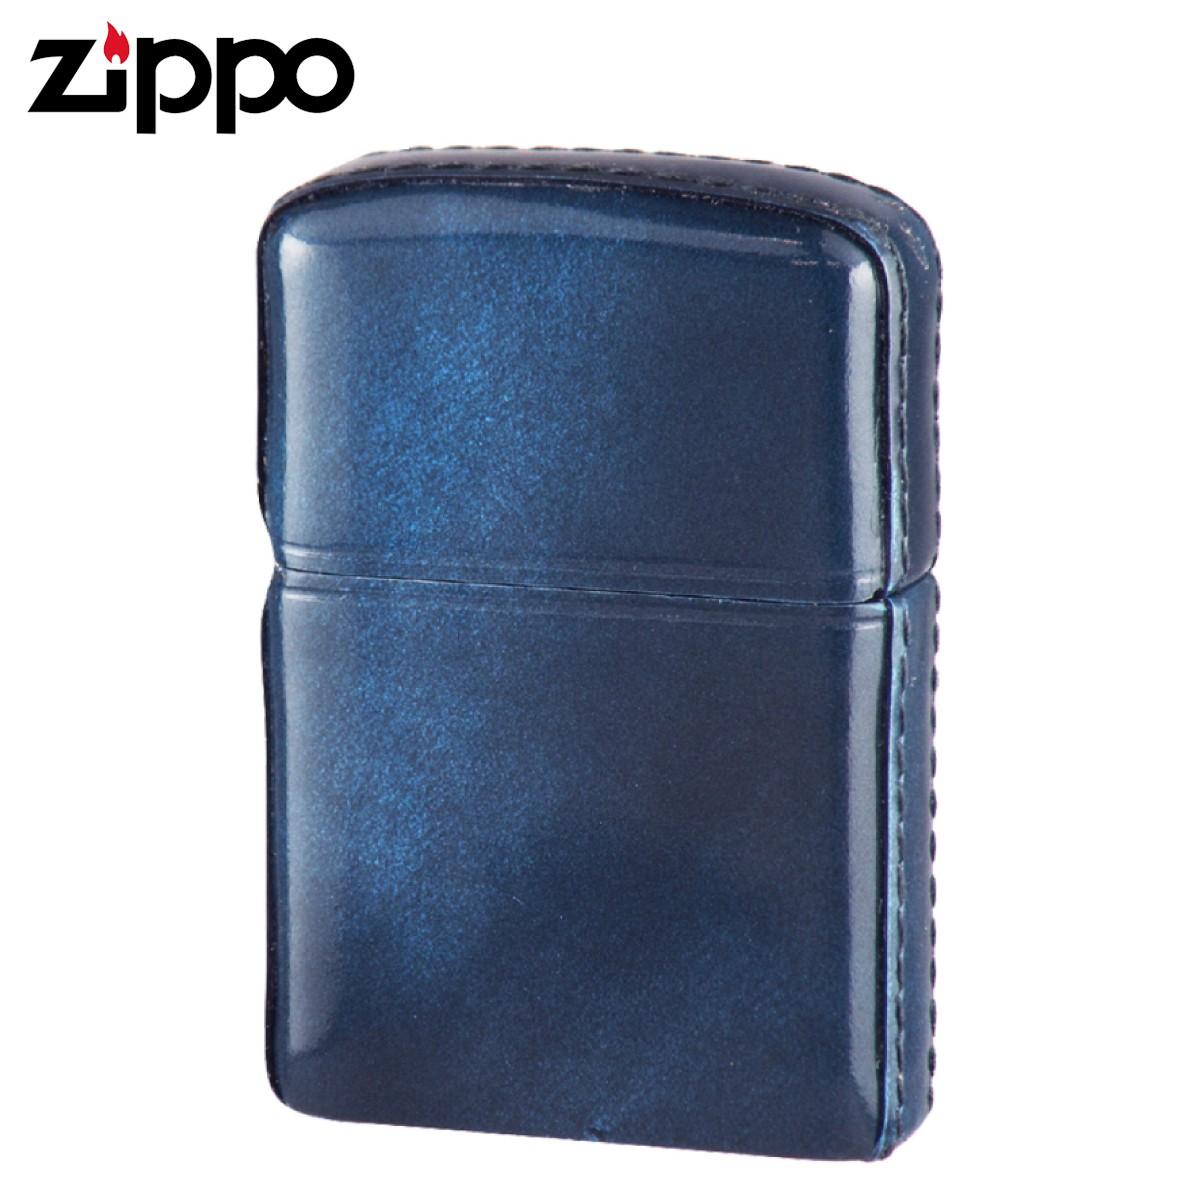 zippo ジッポー ライター 革巻き アドバンティックレザー ブルー